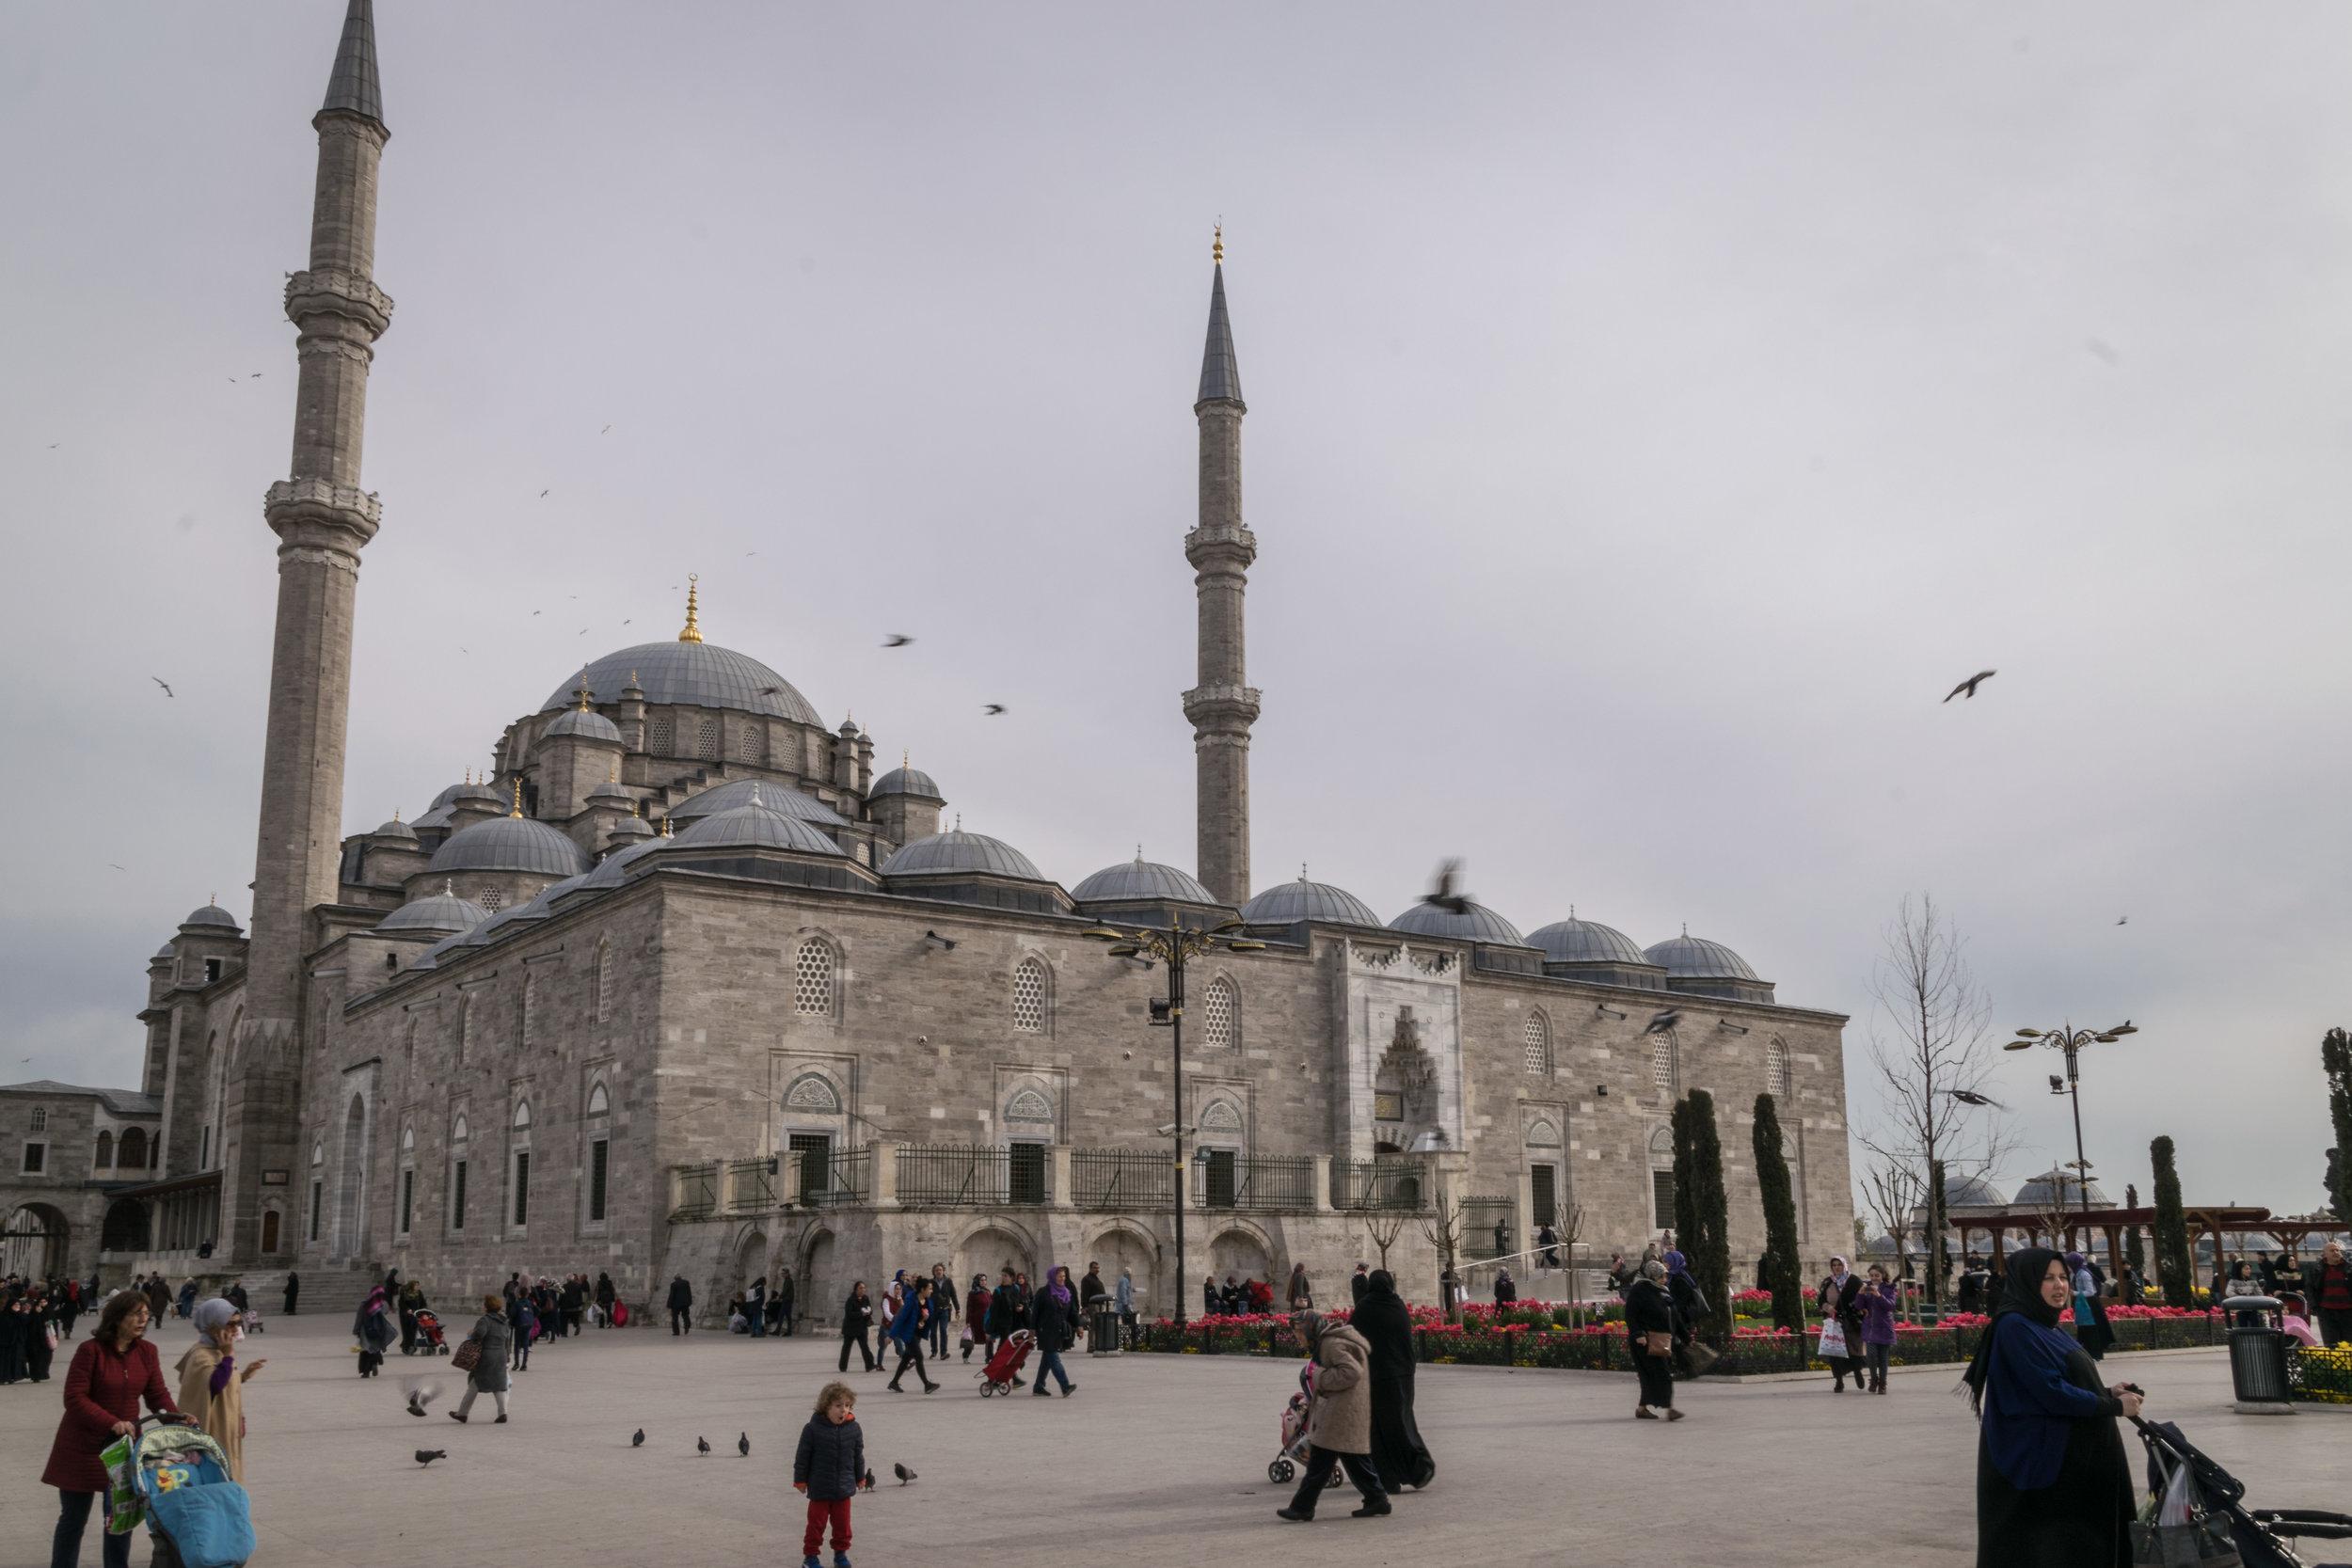 Istanbul UNESCO_Fatih Mosque-6.jpg